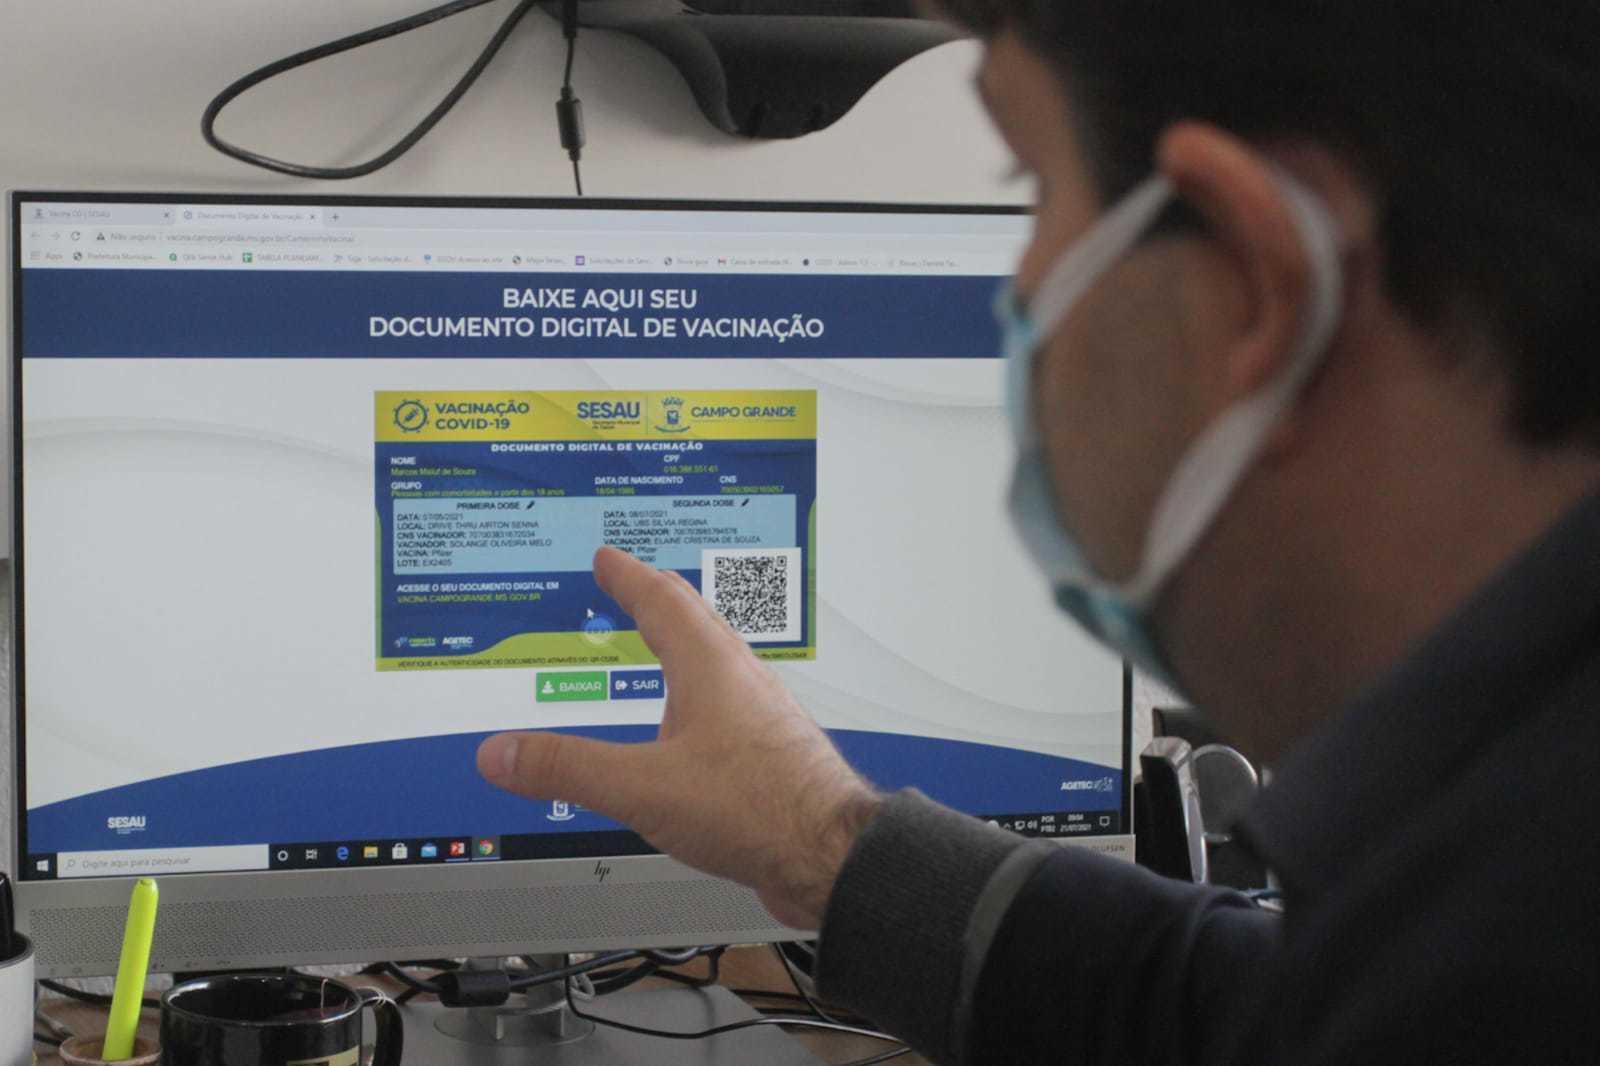 Titular da Sesau, José Mauro Filho explica que cartão de vacina digital vai permitir entrada em eventos da Capital. (Foto: Marcos Maluf)